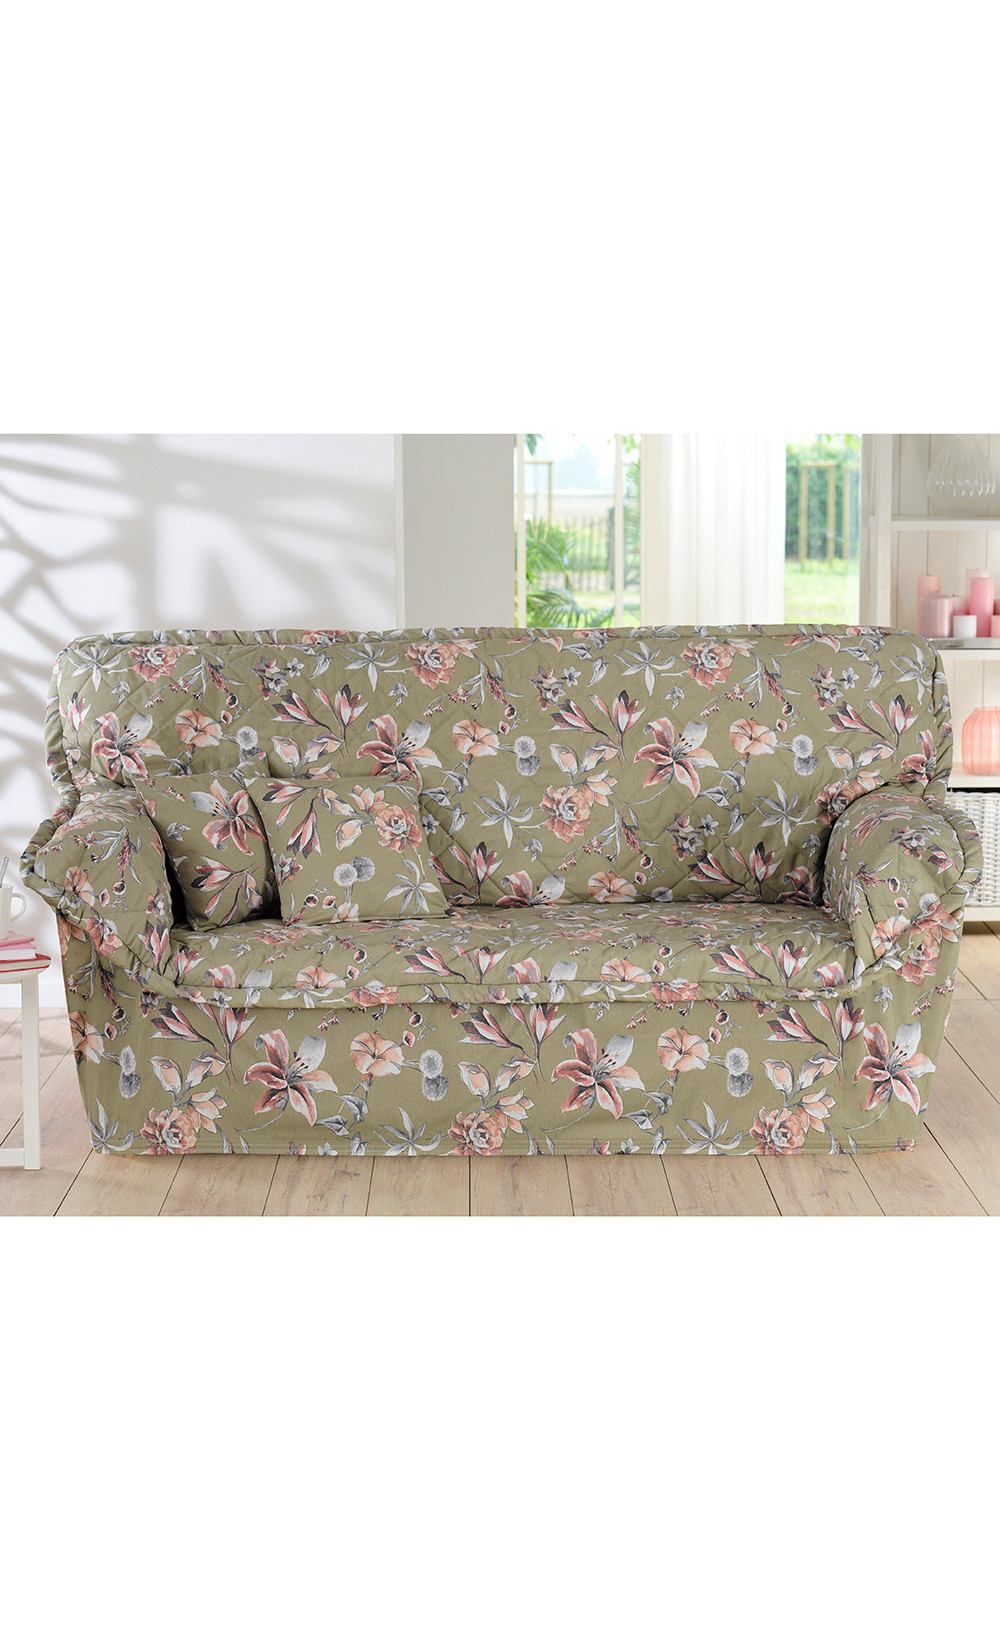 housse préformée pour canapé, fauteuil ou coussins - ROUABLE